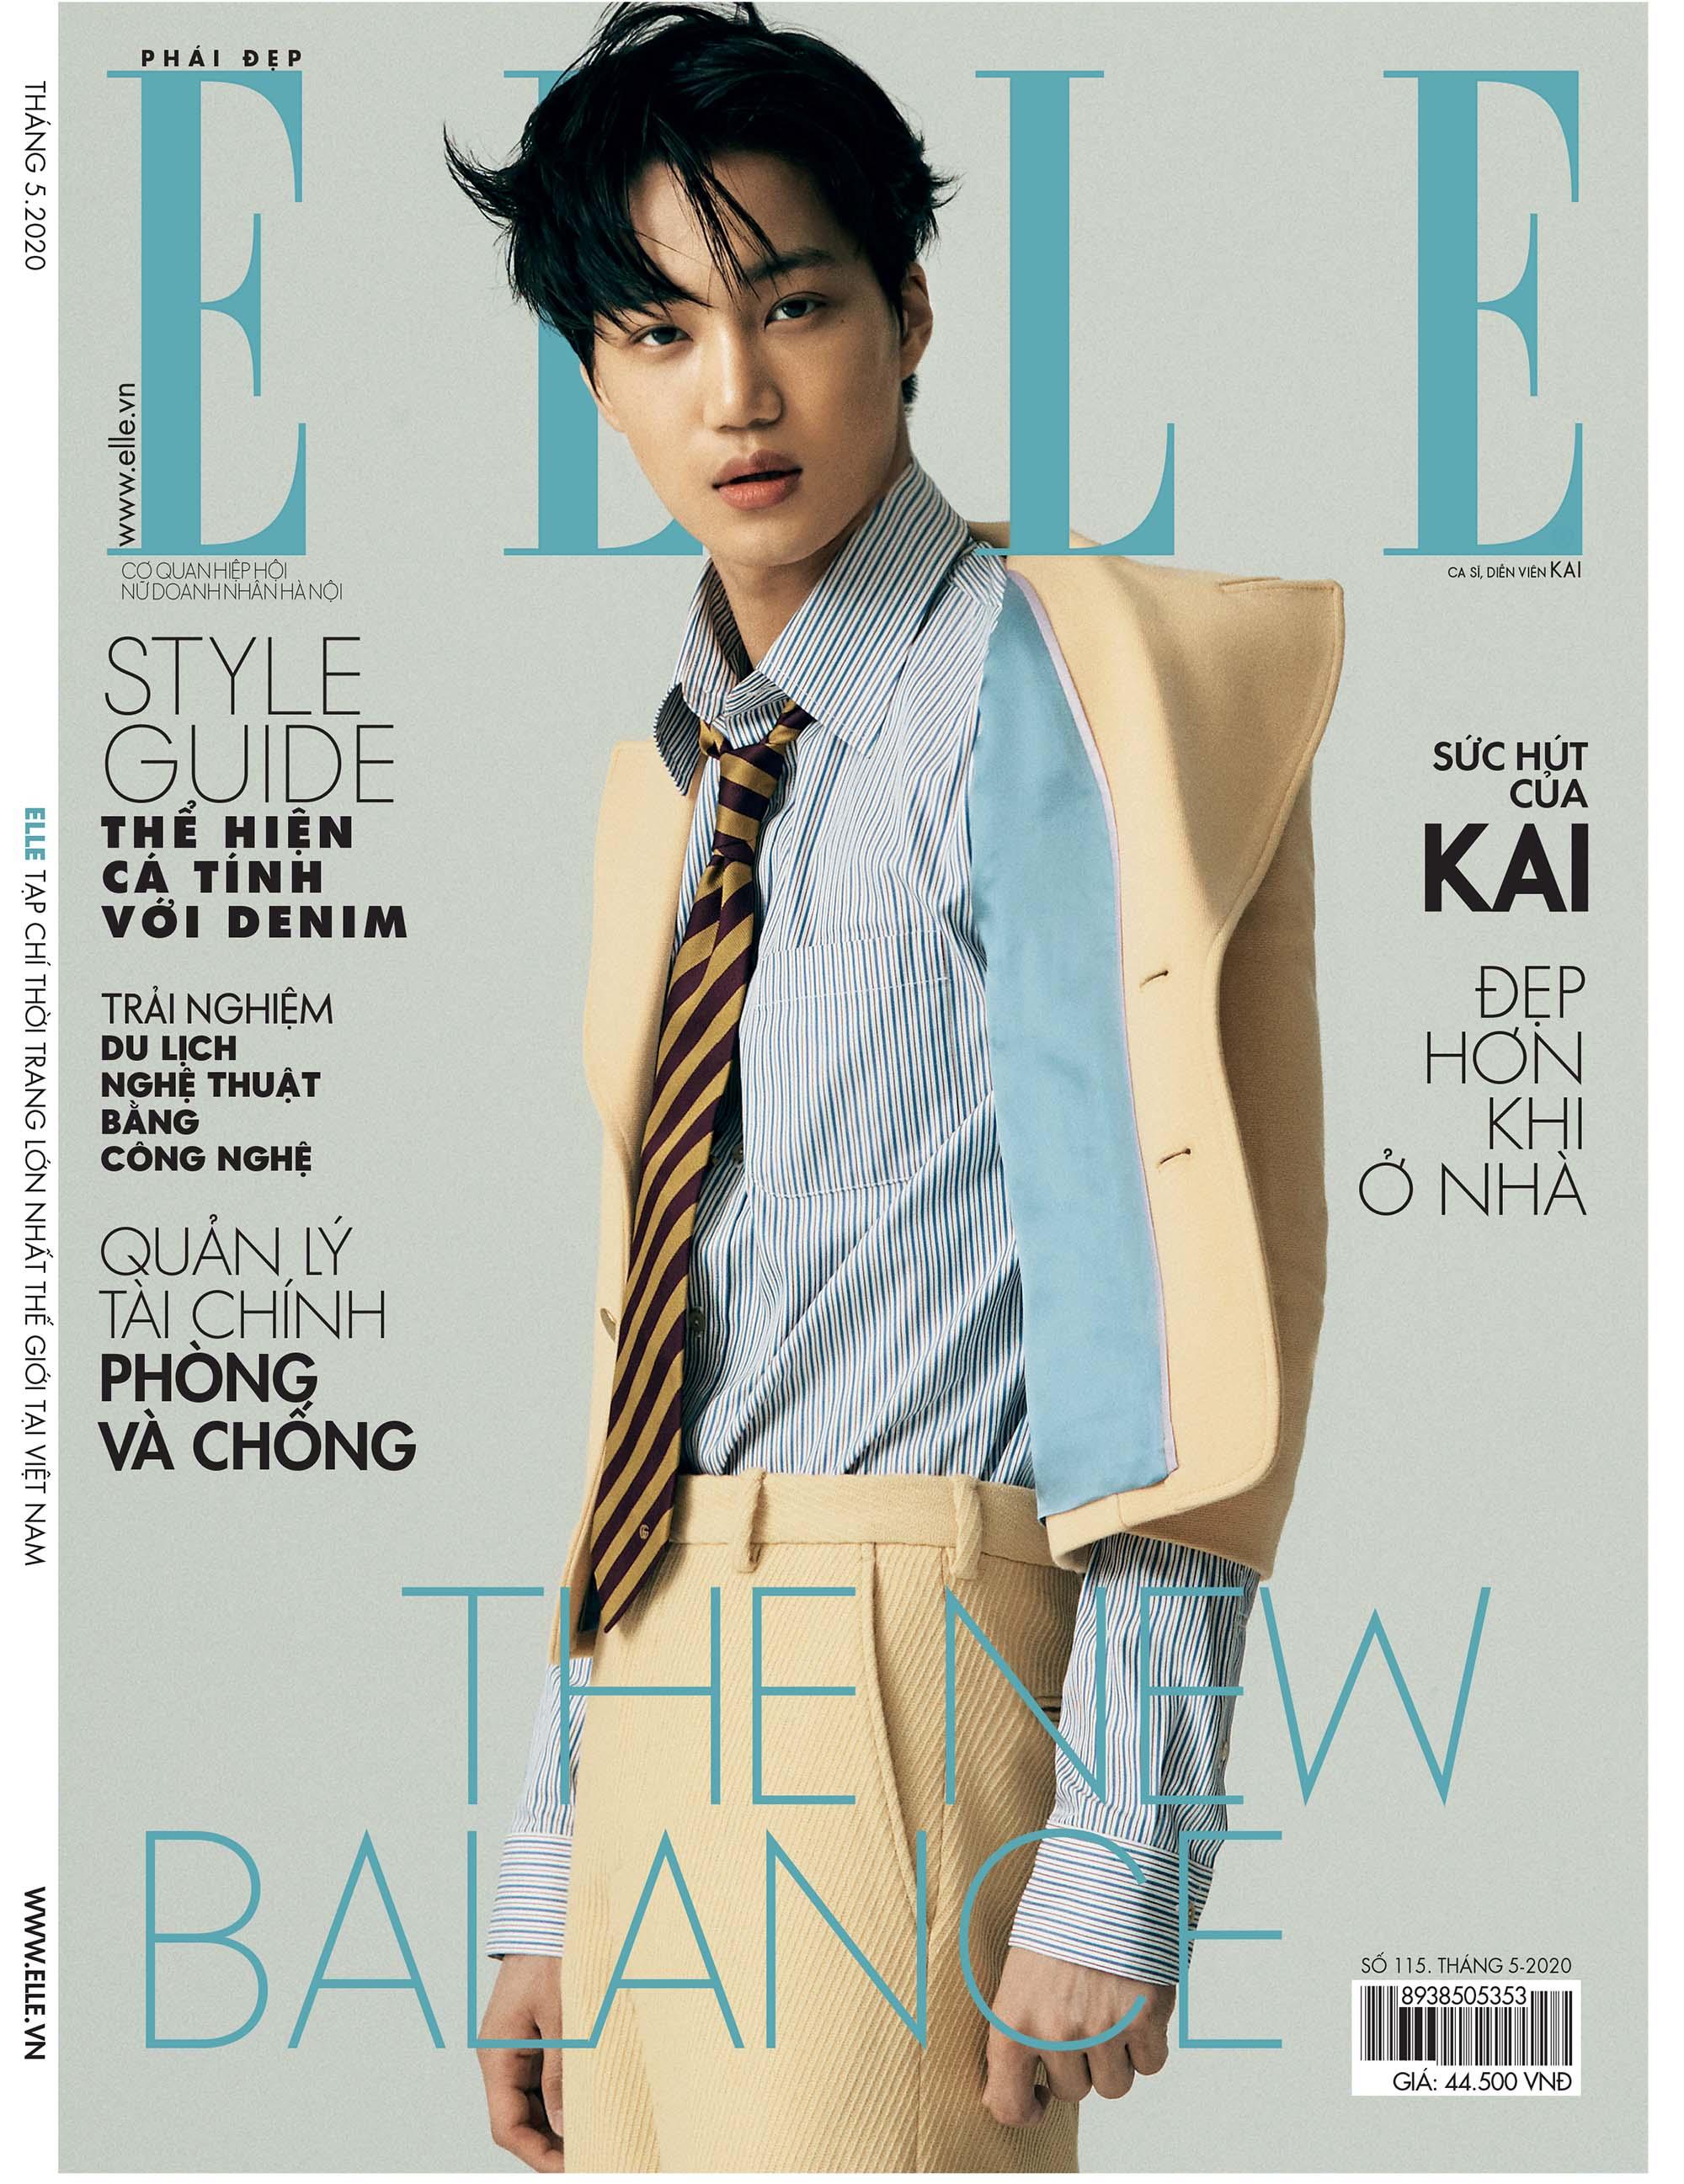 Tạp chí Phái đẹp ELLE gương mặt trang bìa